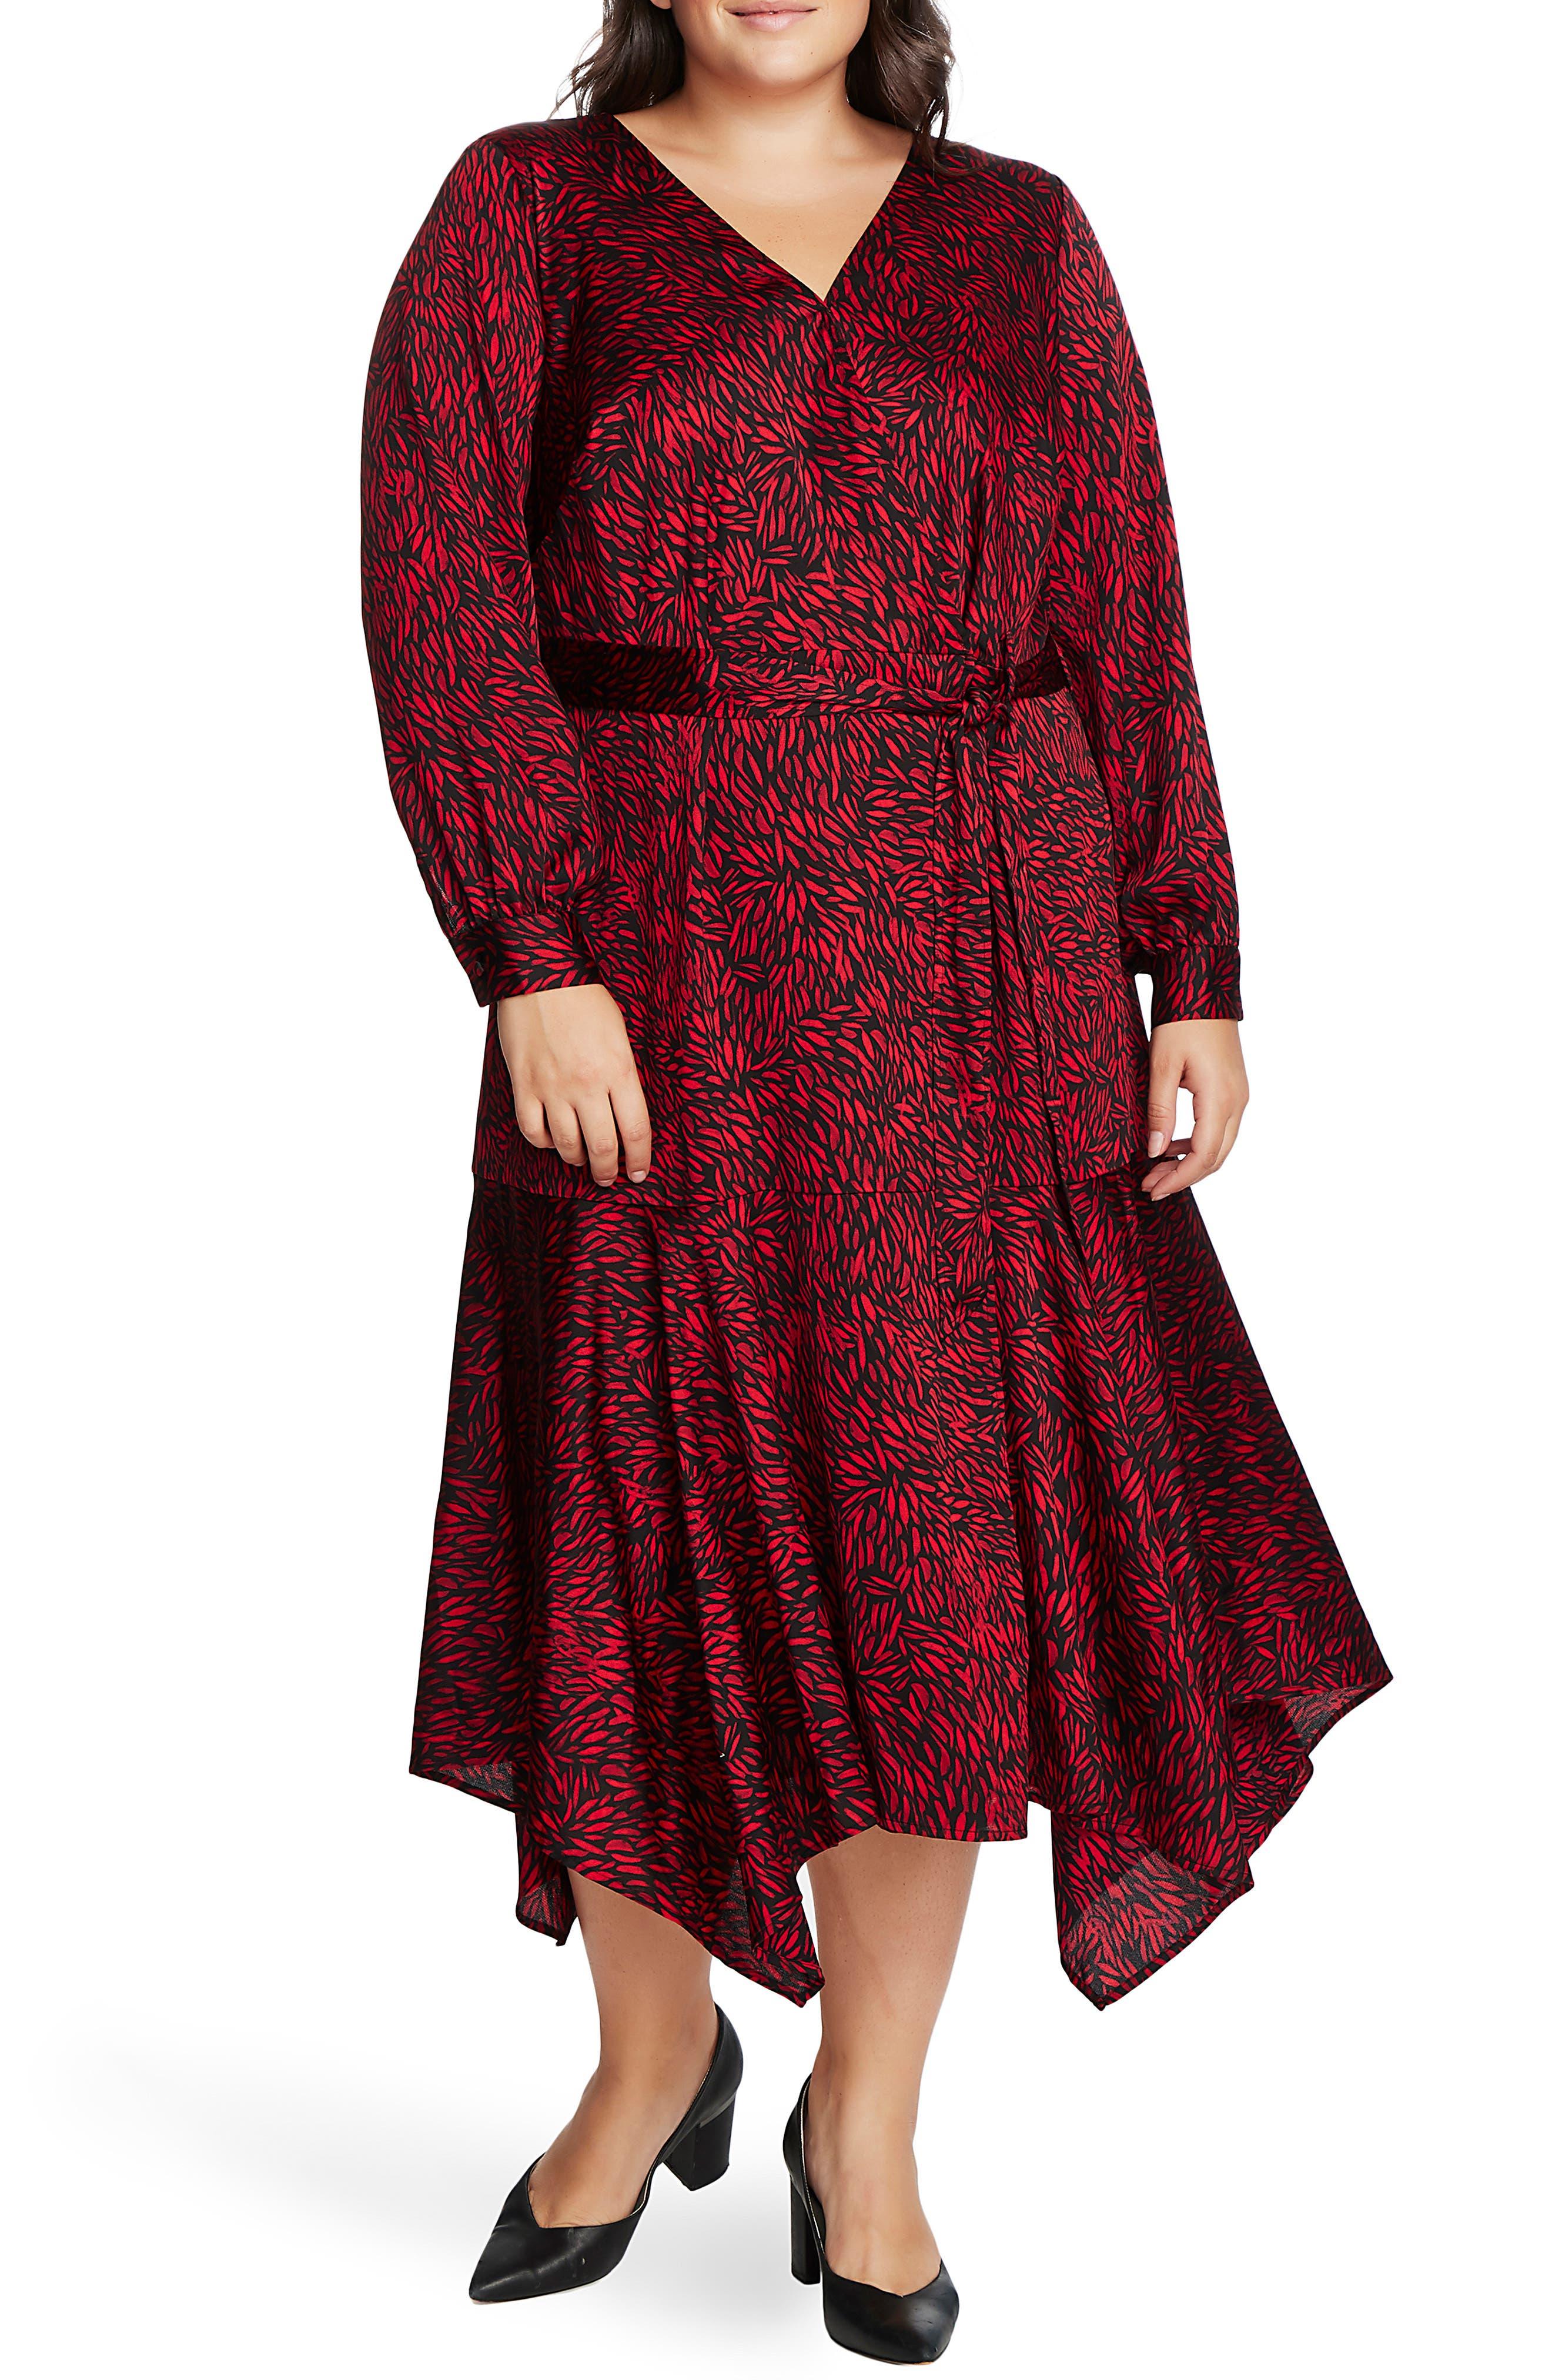 1930s Art Deco Plus Size Dresses | Tea Dresses, Party Dresses Plus Size Womens Vince Camuto Petal Print Asymmetrical Hem Dress Size 3X - Red $179.00 AT vintagedancer.com